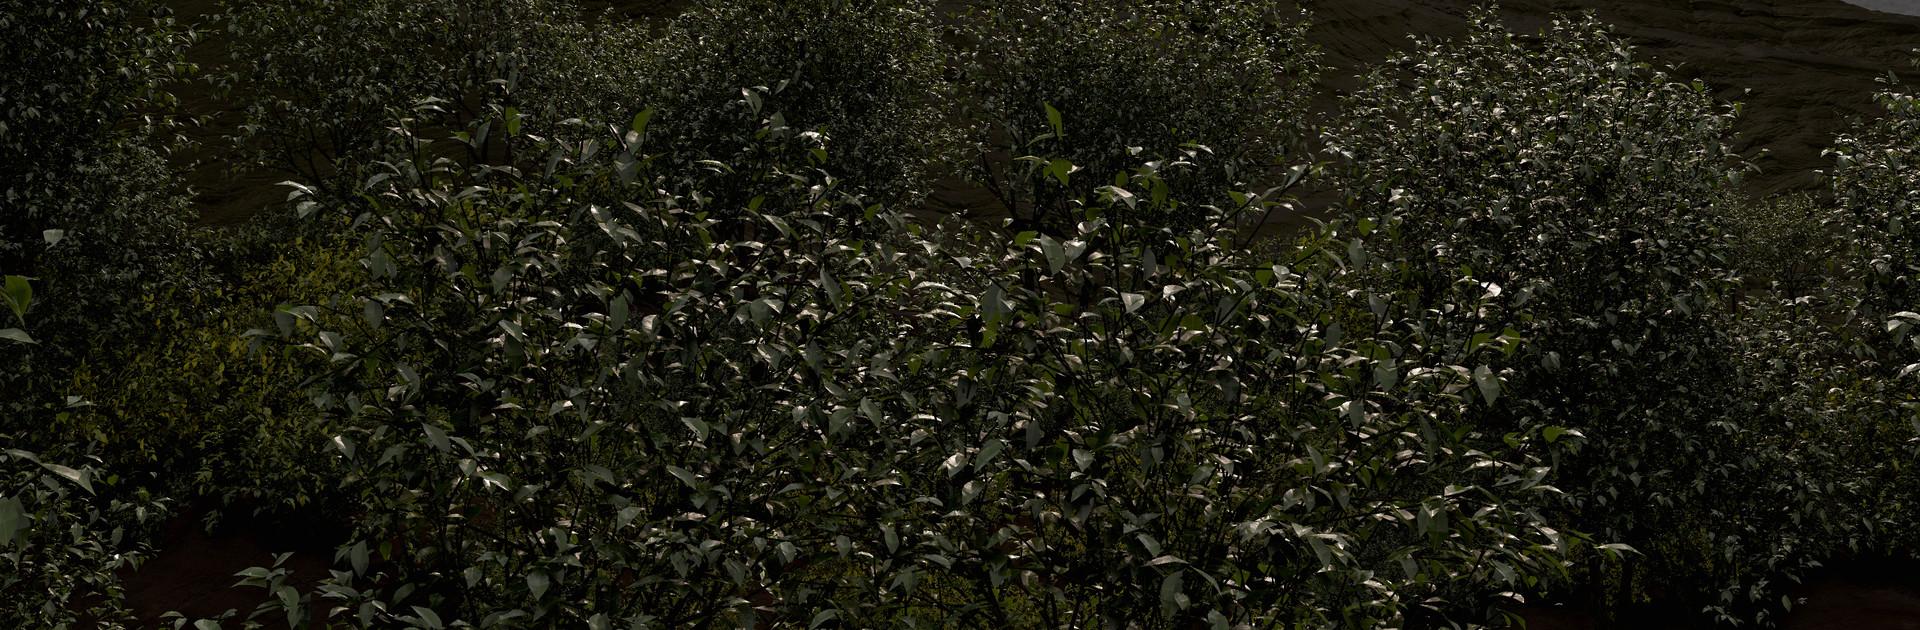 eoin-o-broin-foliage (1)